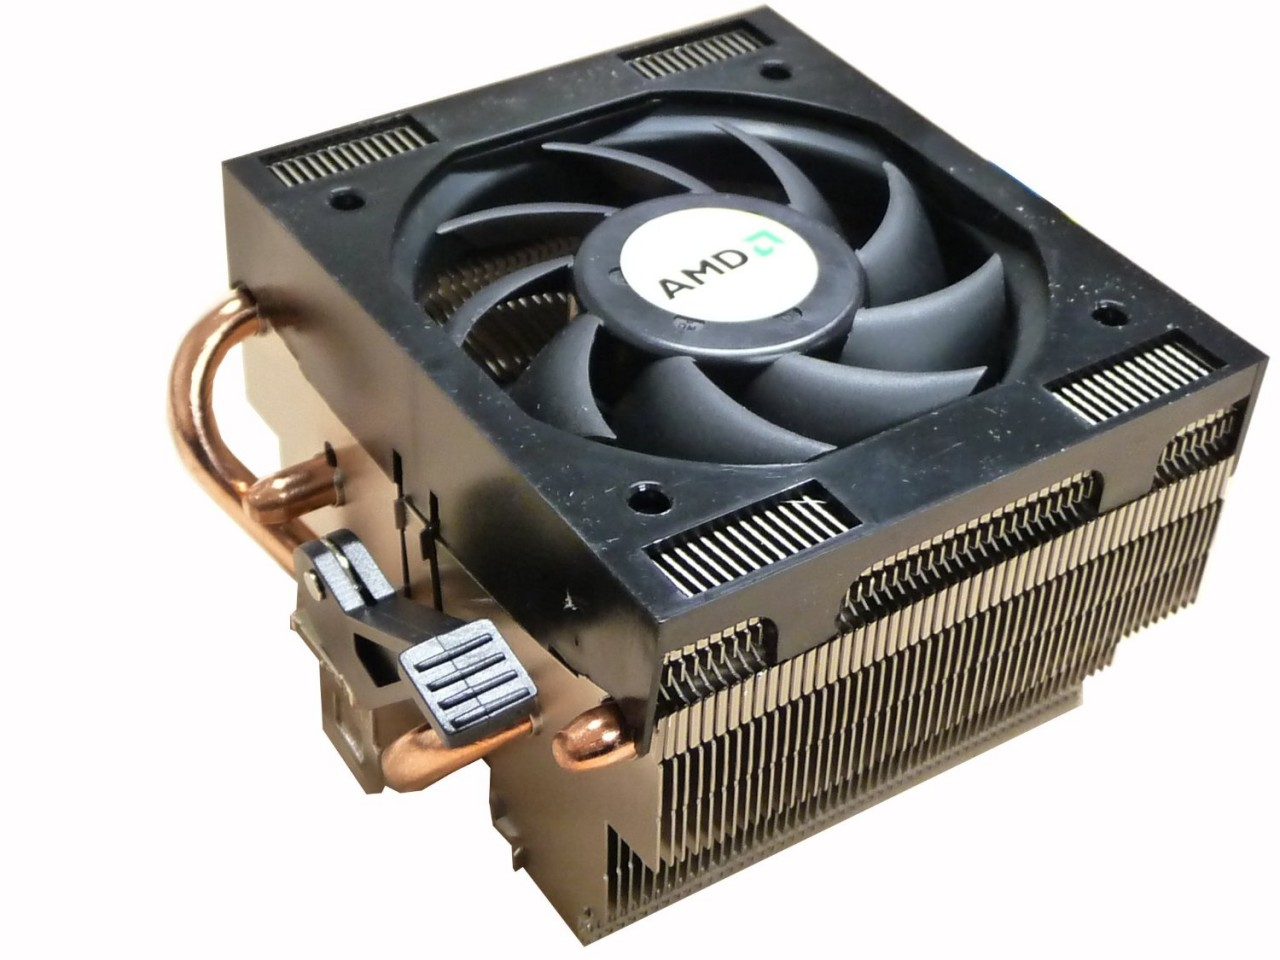 AMD FX-8350 4.0GHz 8-Core Desktop CPU Processor Socket AM3+